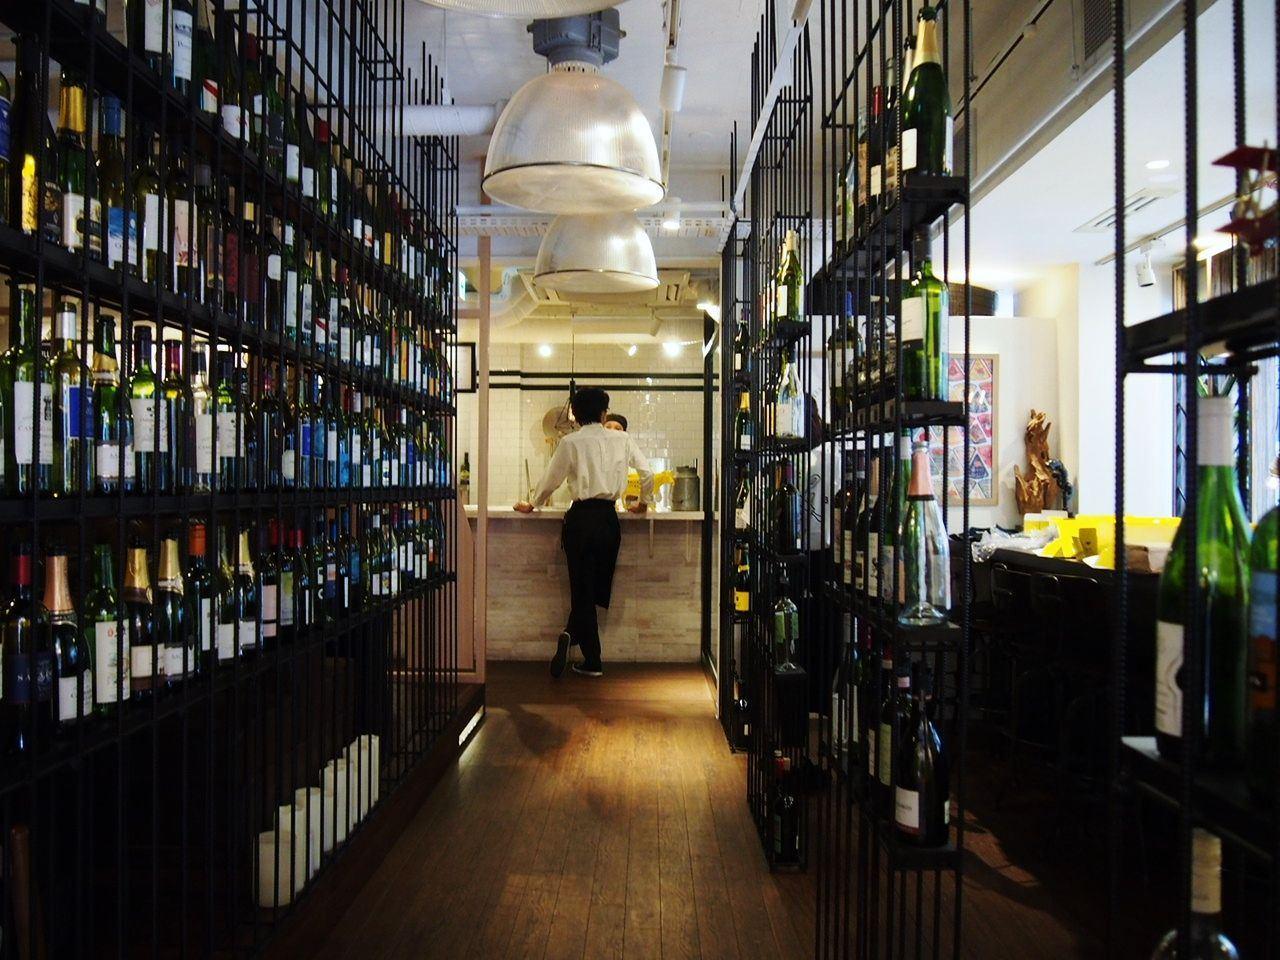 Wine Bottles Lined Up Inside